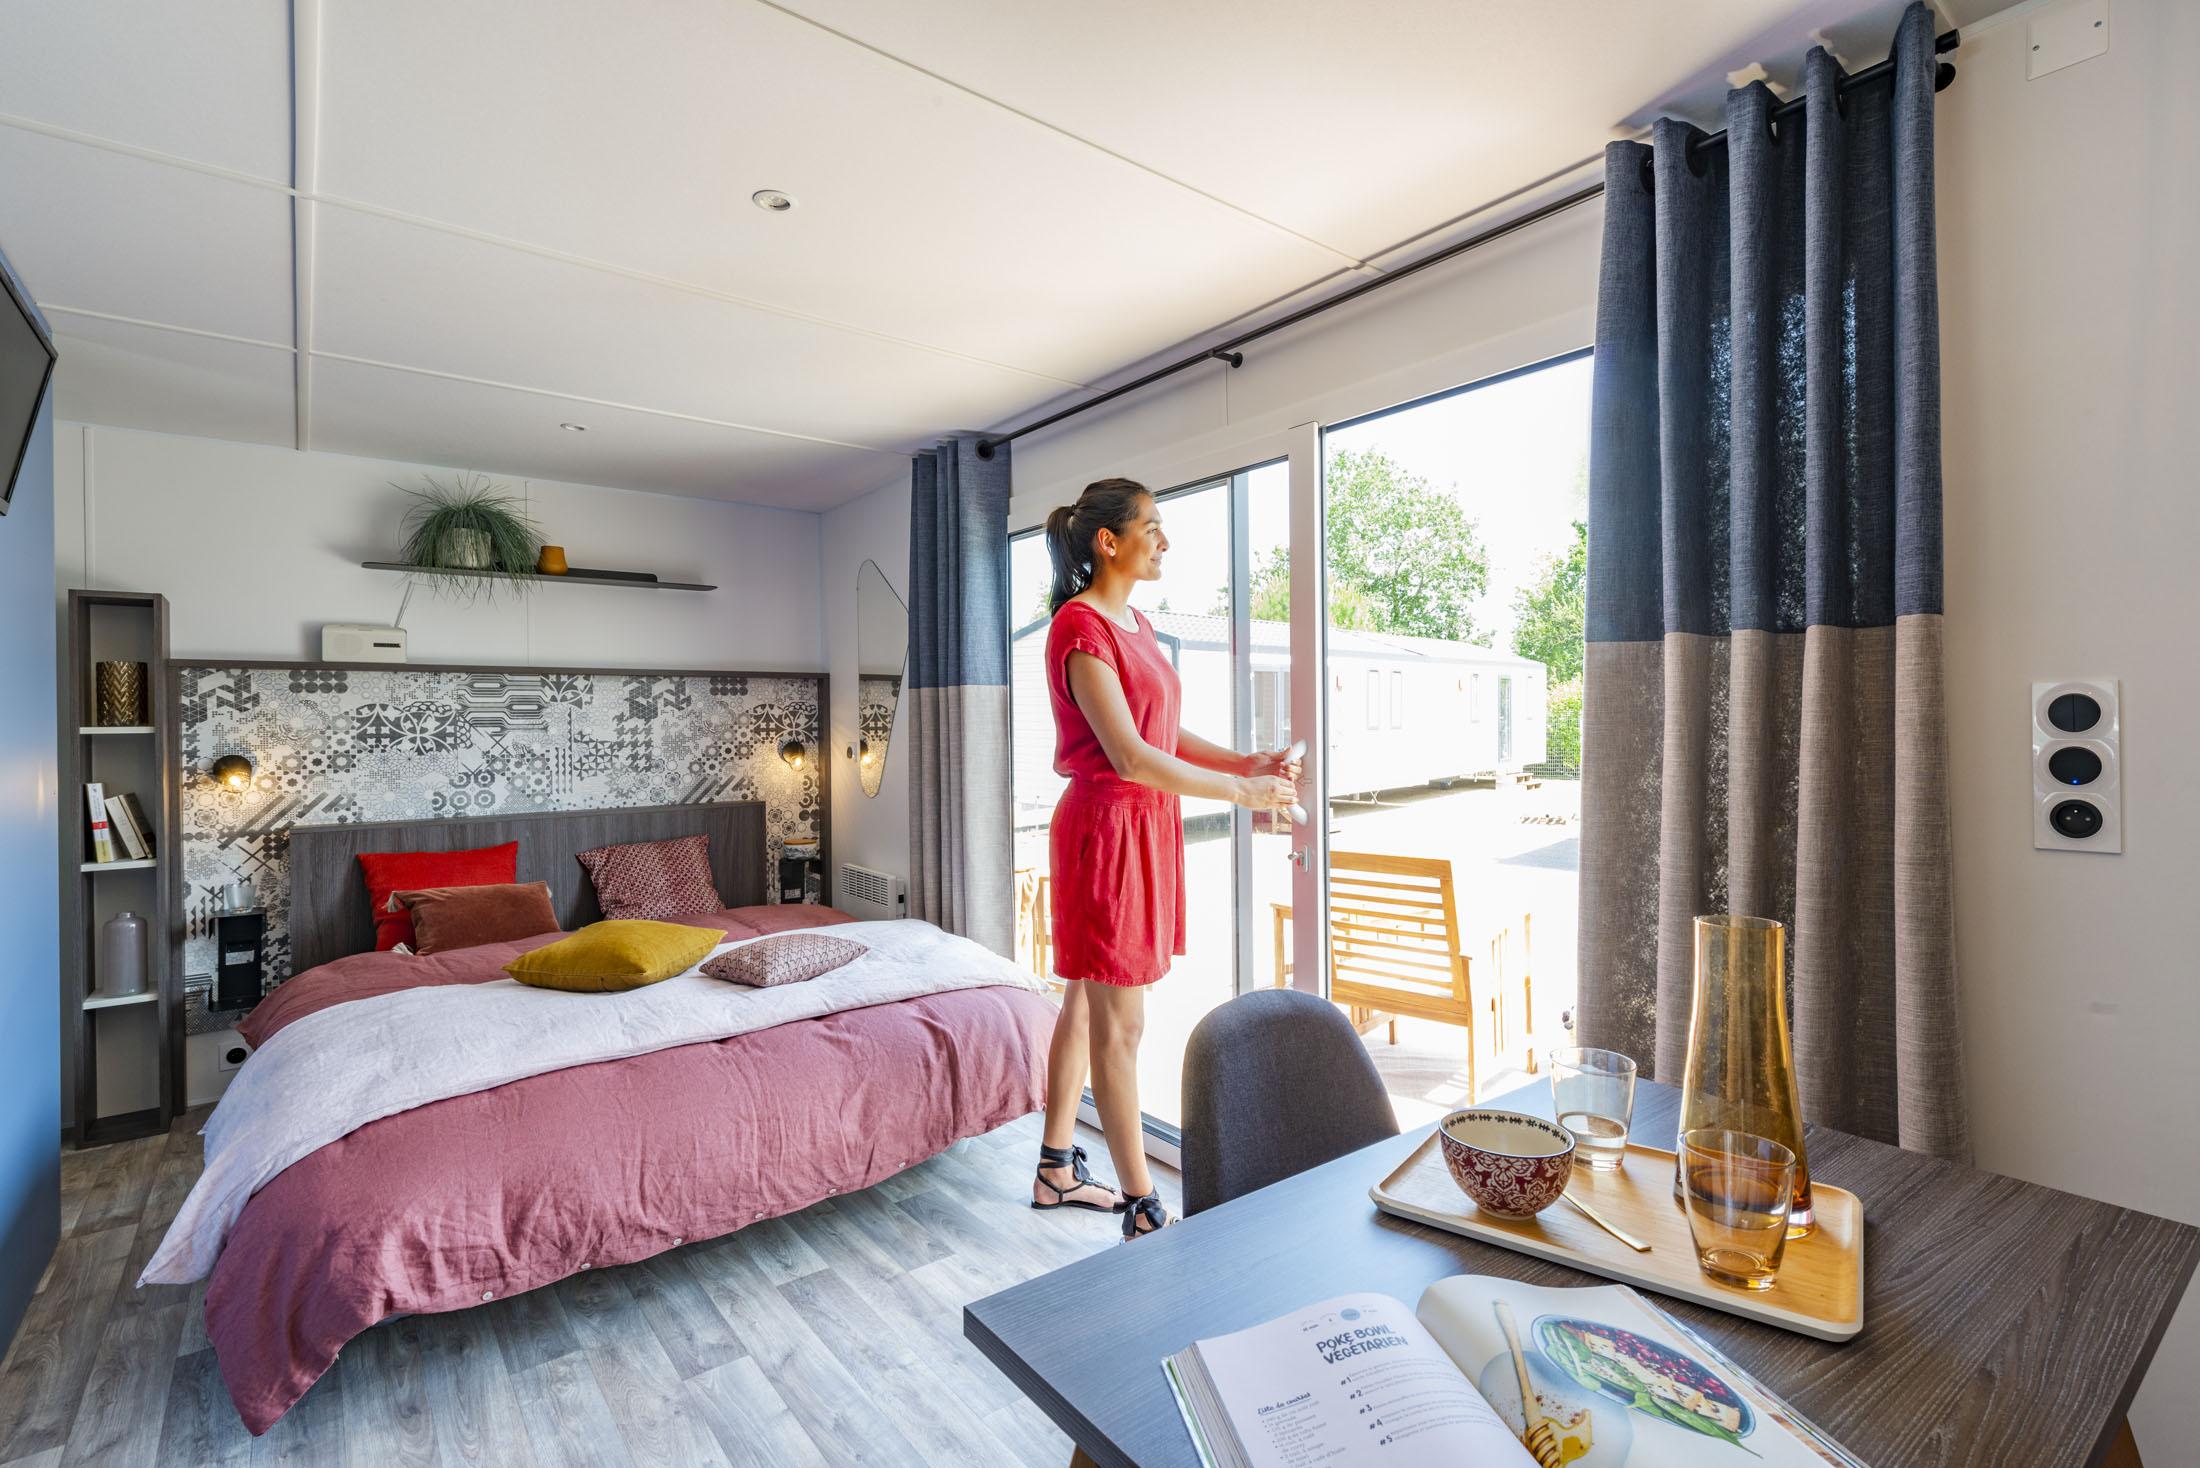 Ambiance de chambre d'un mobil-home avec mannequin devant la fenêtre